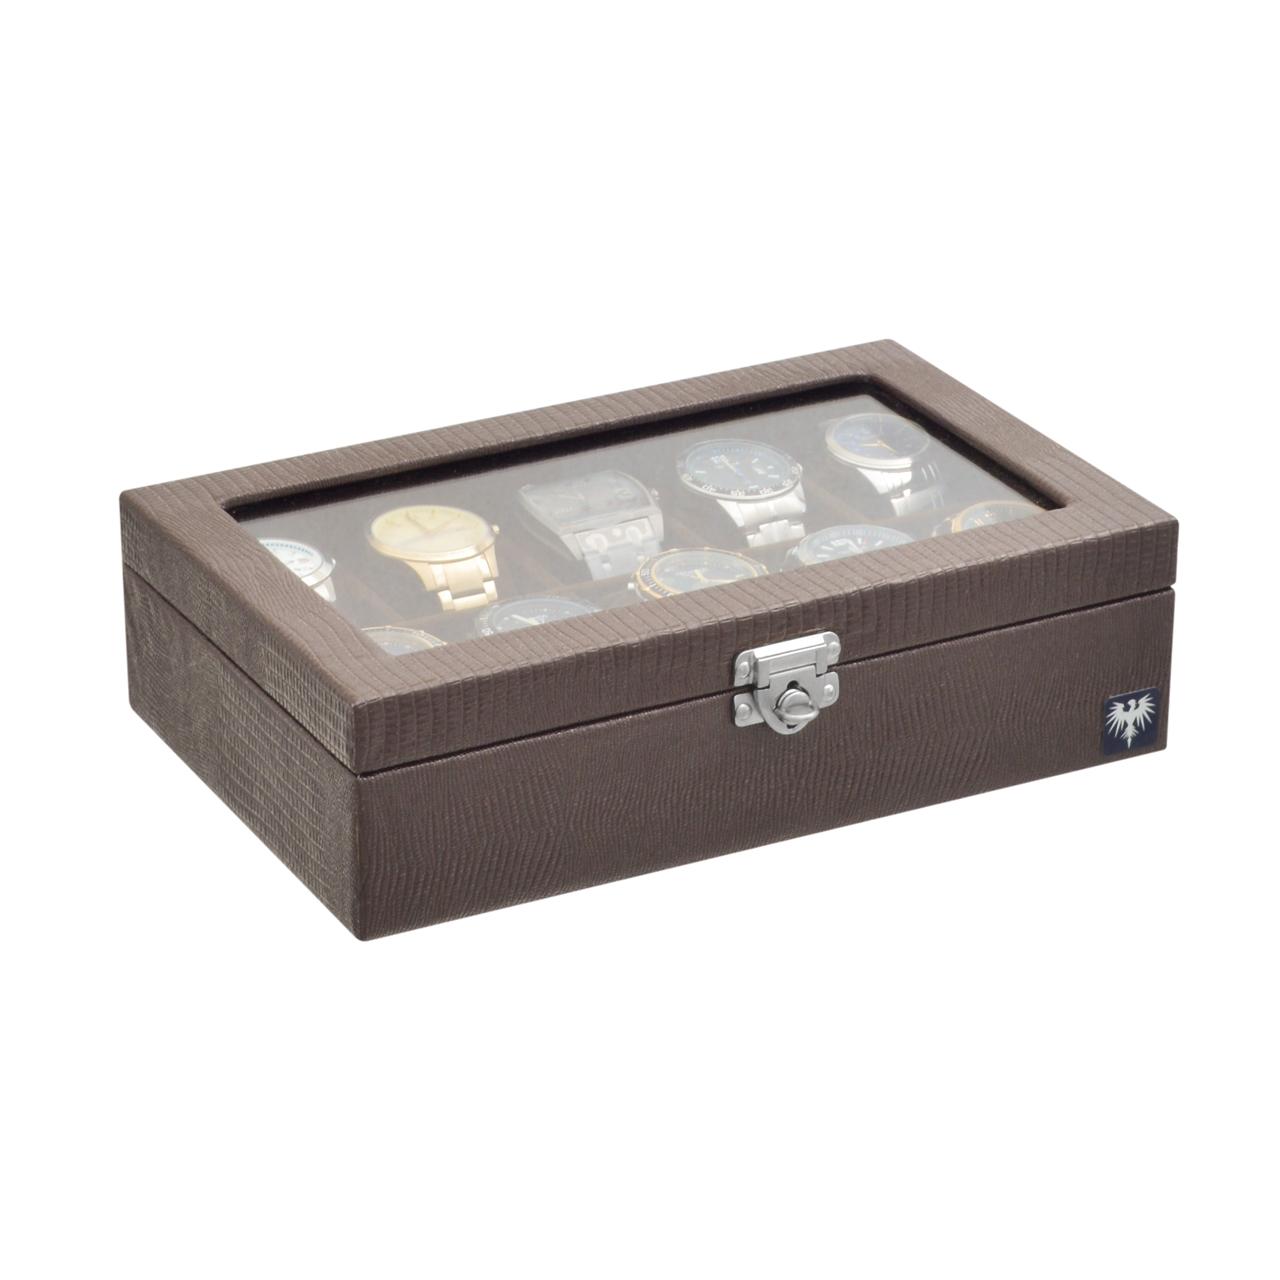 estojo-couro-ecologico-10-relogios-marrom-marrom-porta-caixa-imagem-10.jpg